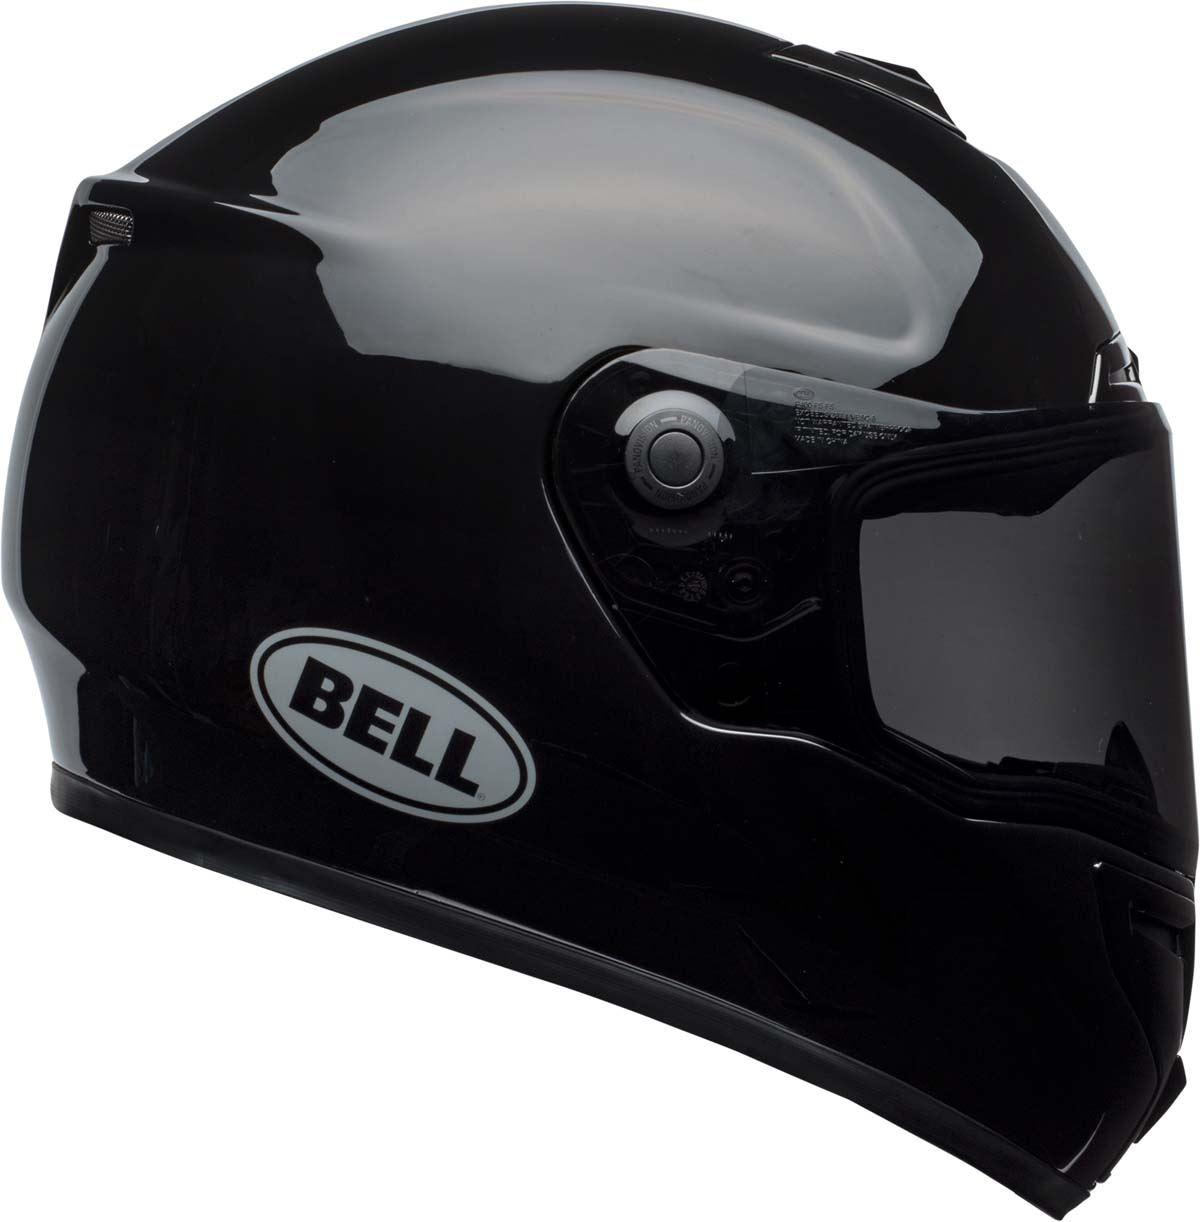 miniature 14 - Bell SRT Helmet Full Face Eyewear Friendly Fiberglass DOT SNELL M2015 XS-2XL